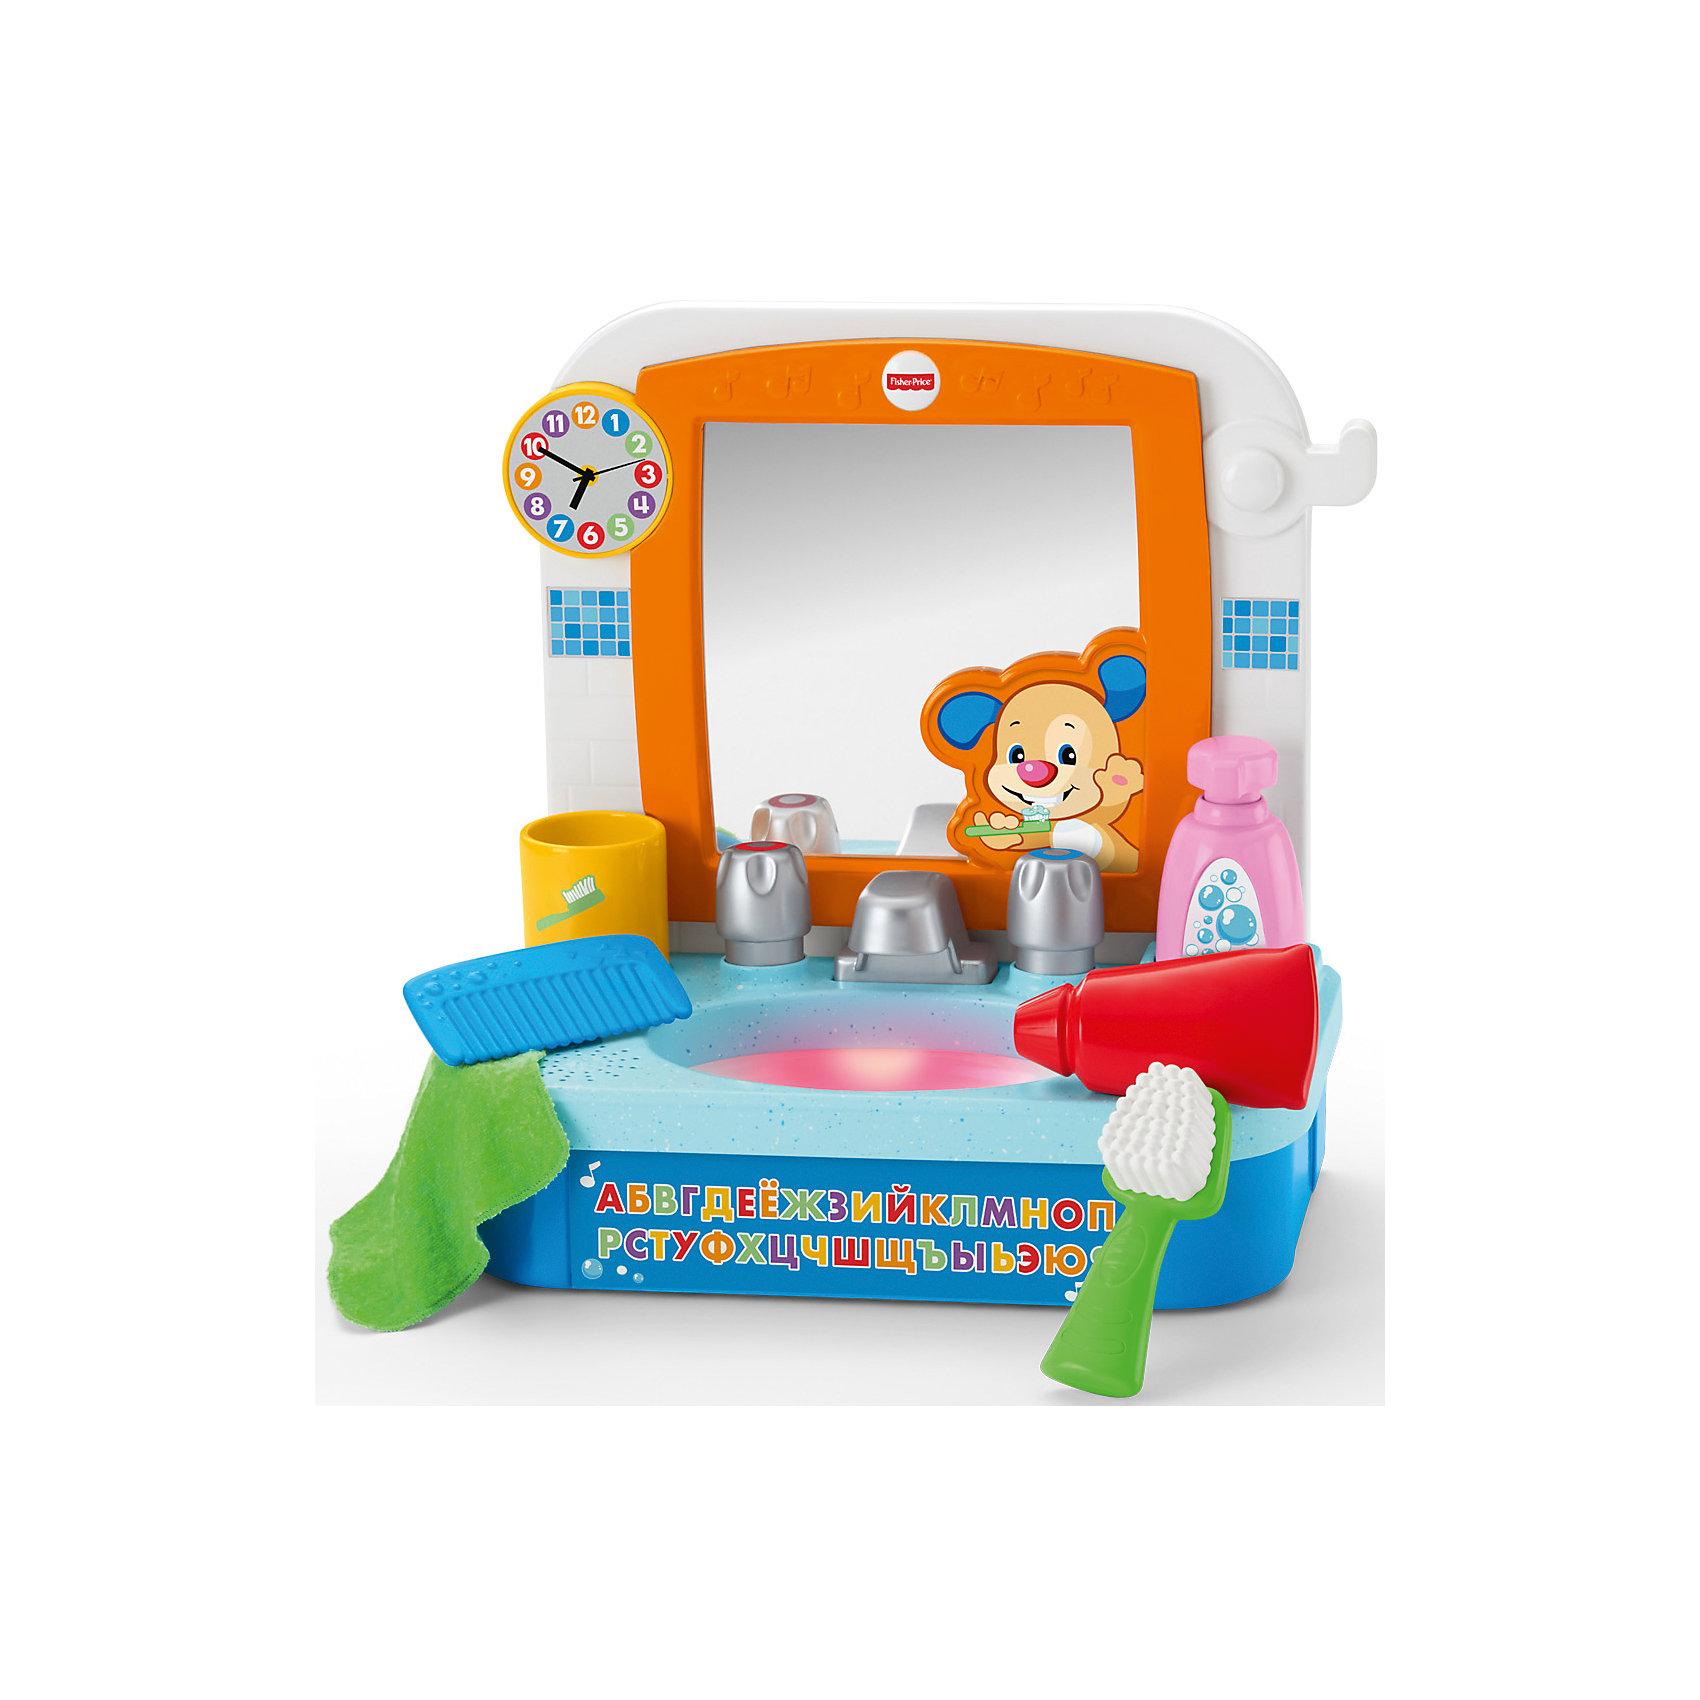 Mattel Умывальник Ученого Щенка, Fisher Price куплю щенка цвергшнауцера в екб январские 2012